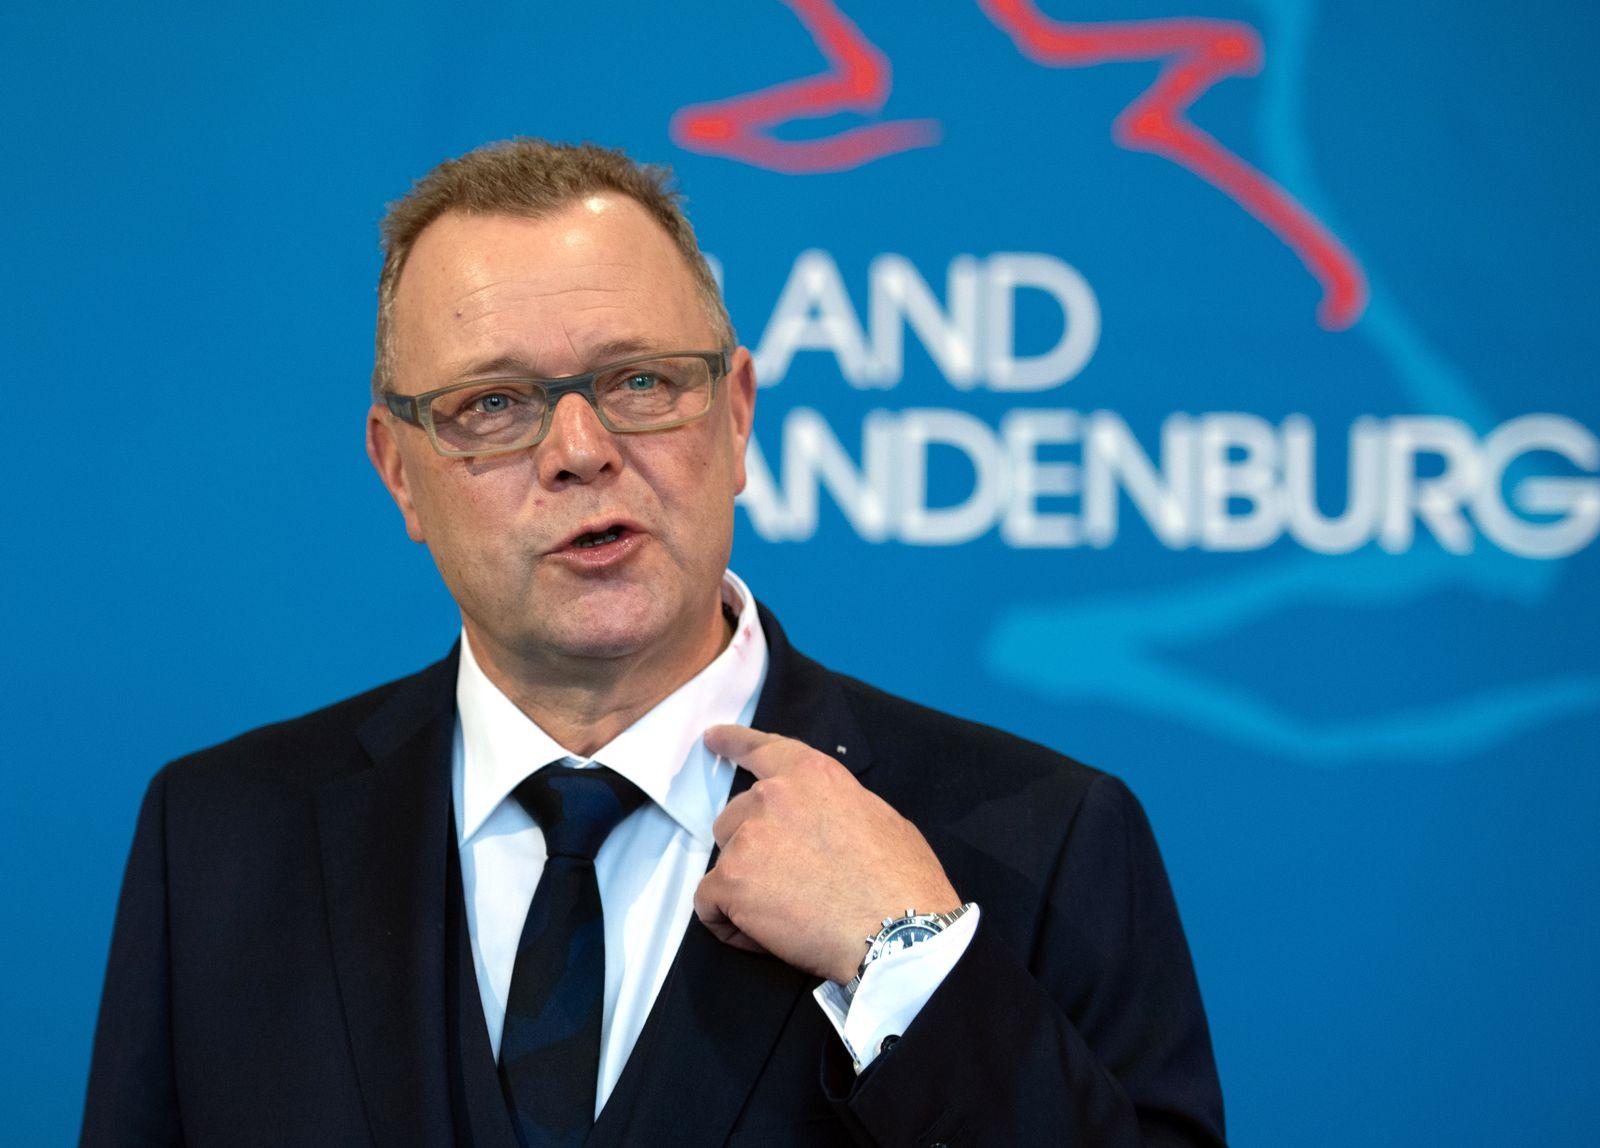 Michael Stübgen/ Landesregierung Brandenburg